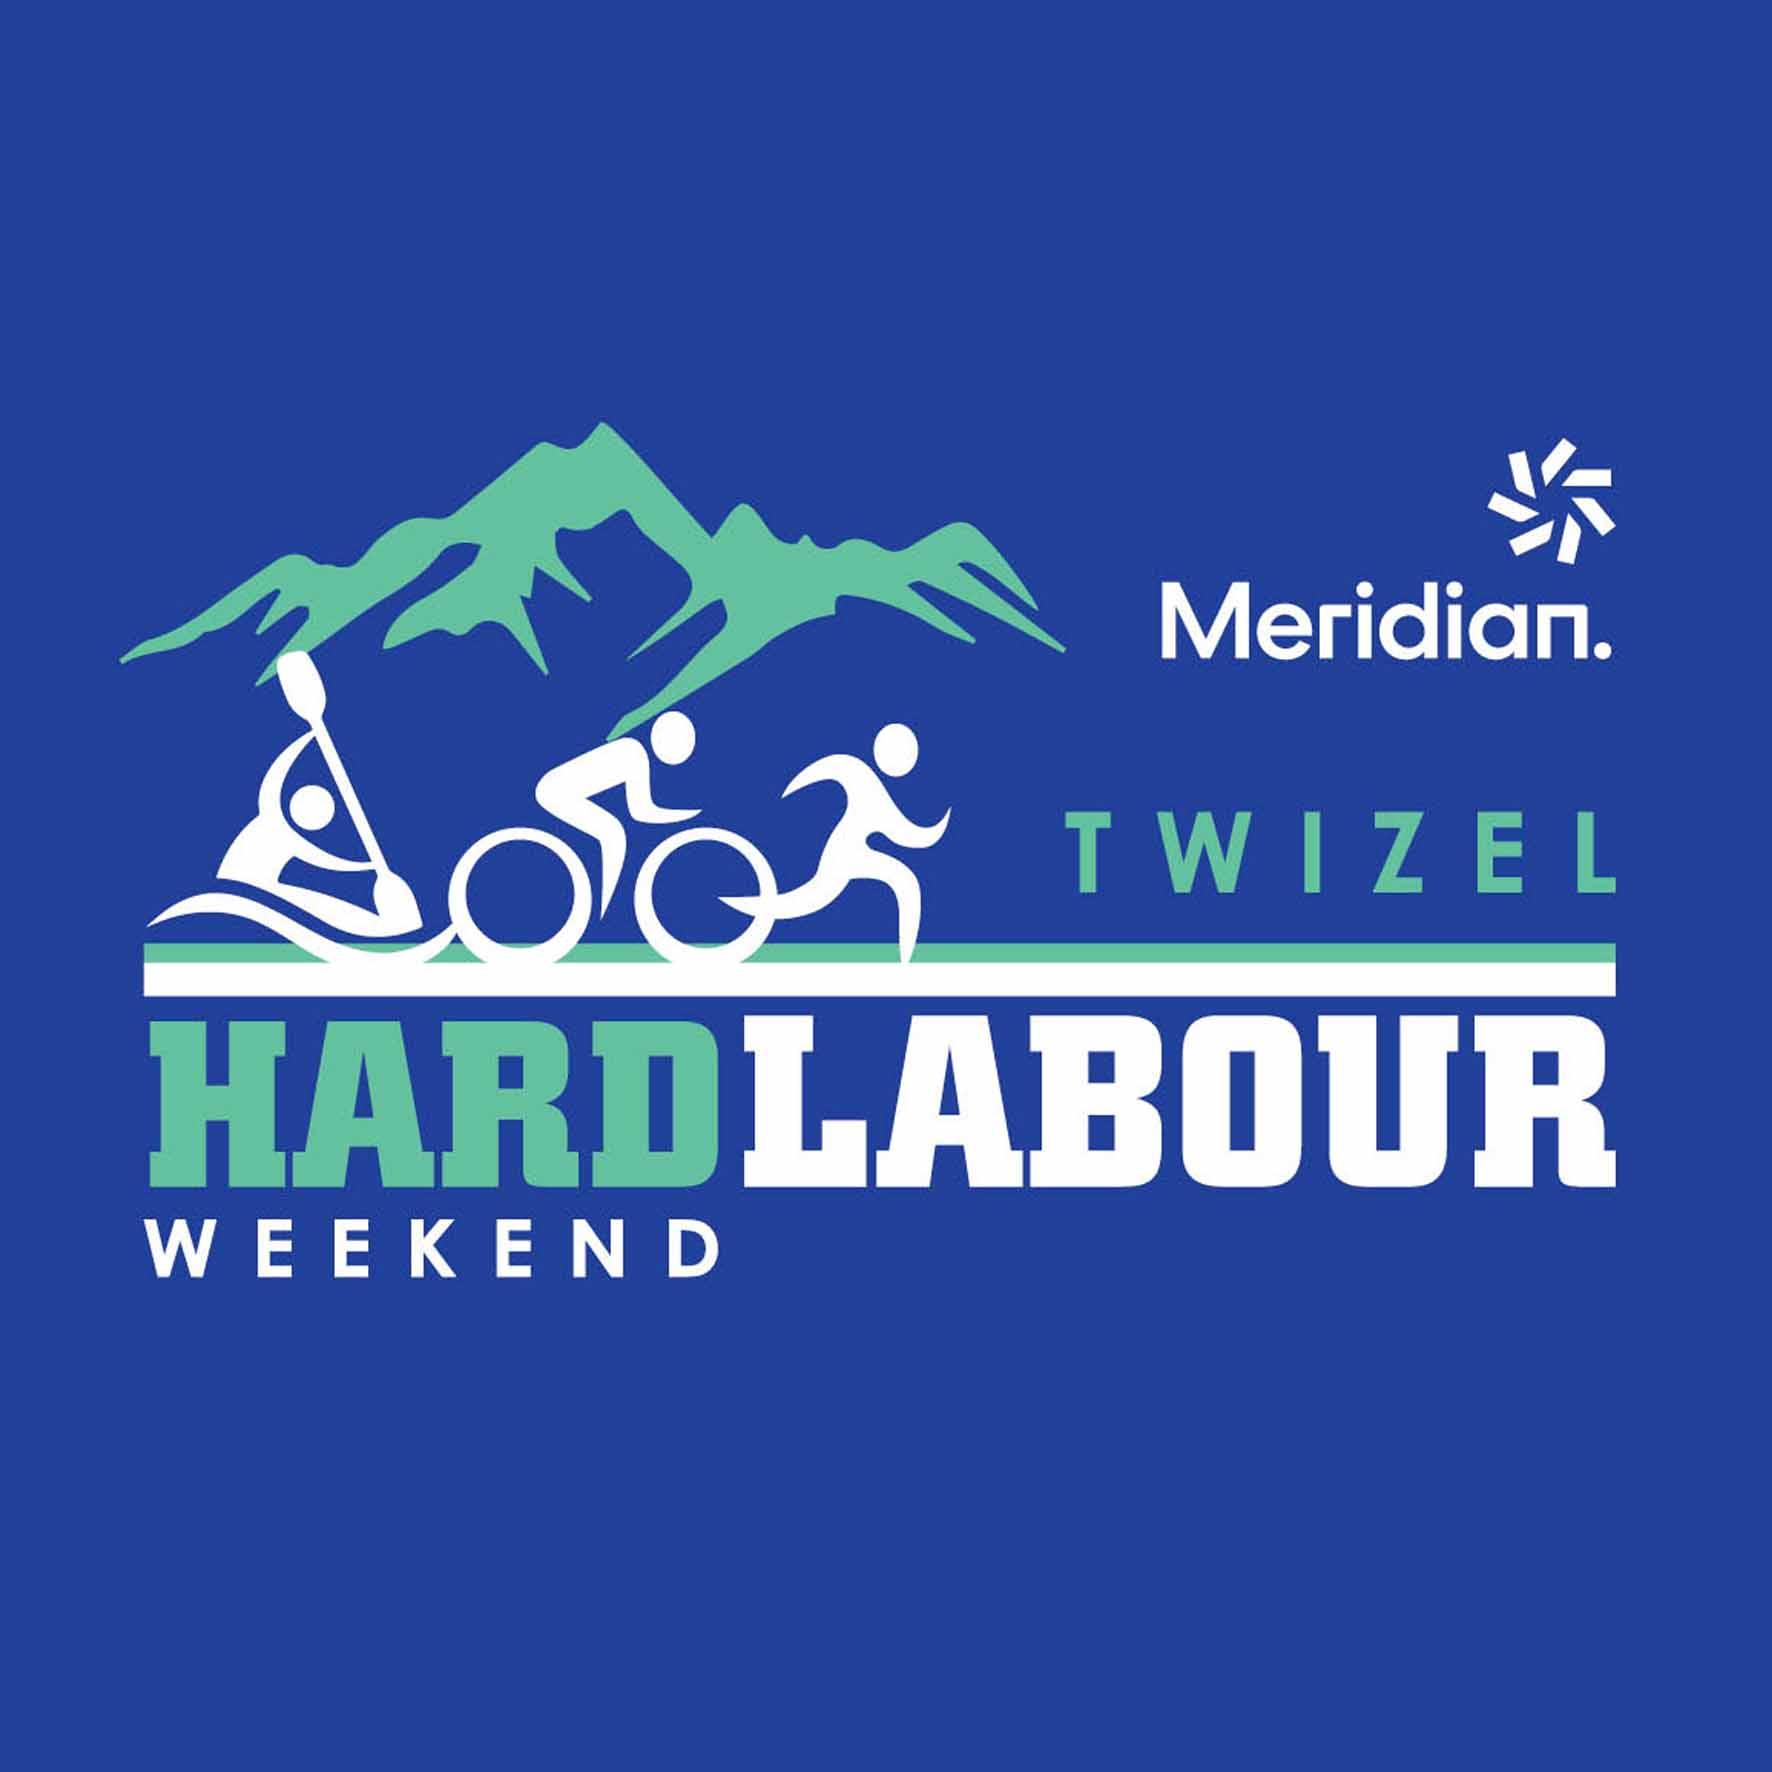 Meridian Twizel Hard Labour Weekend Logo